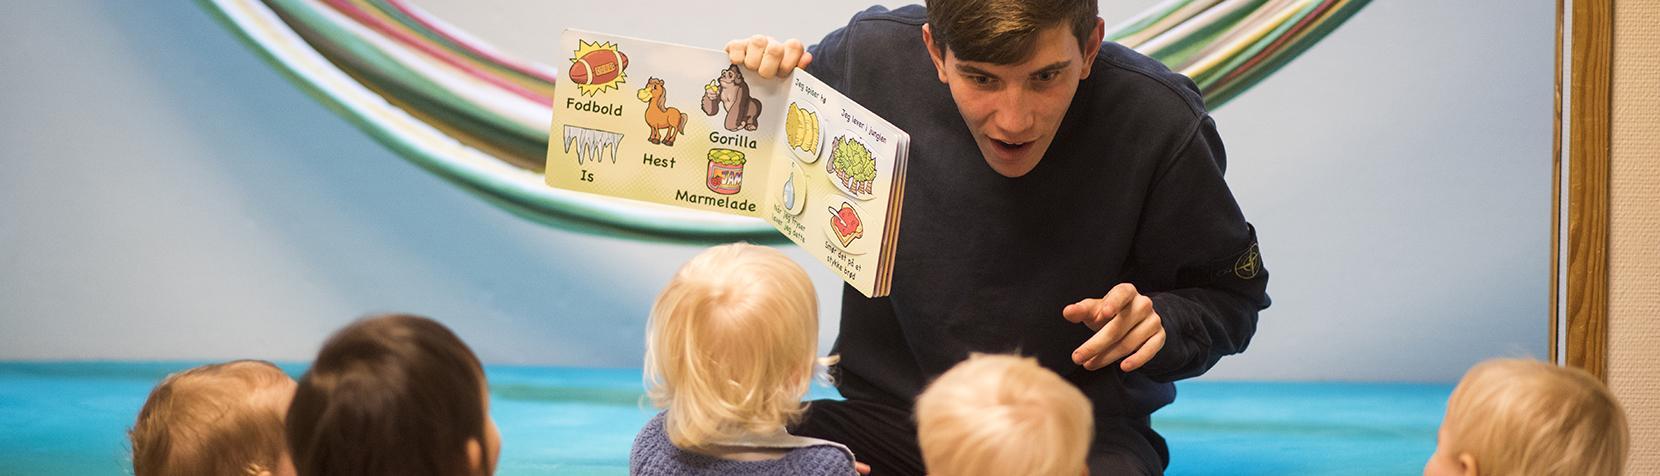 Vuggestuebørn får læst højt